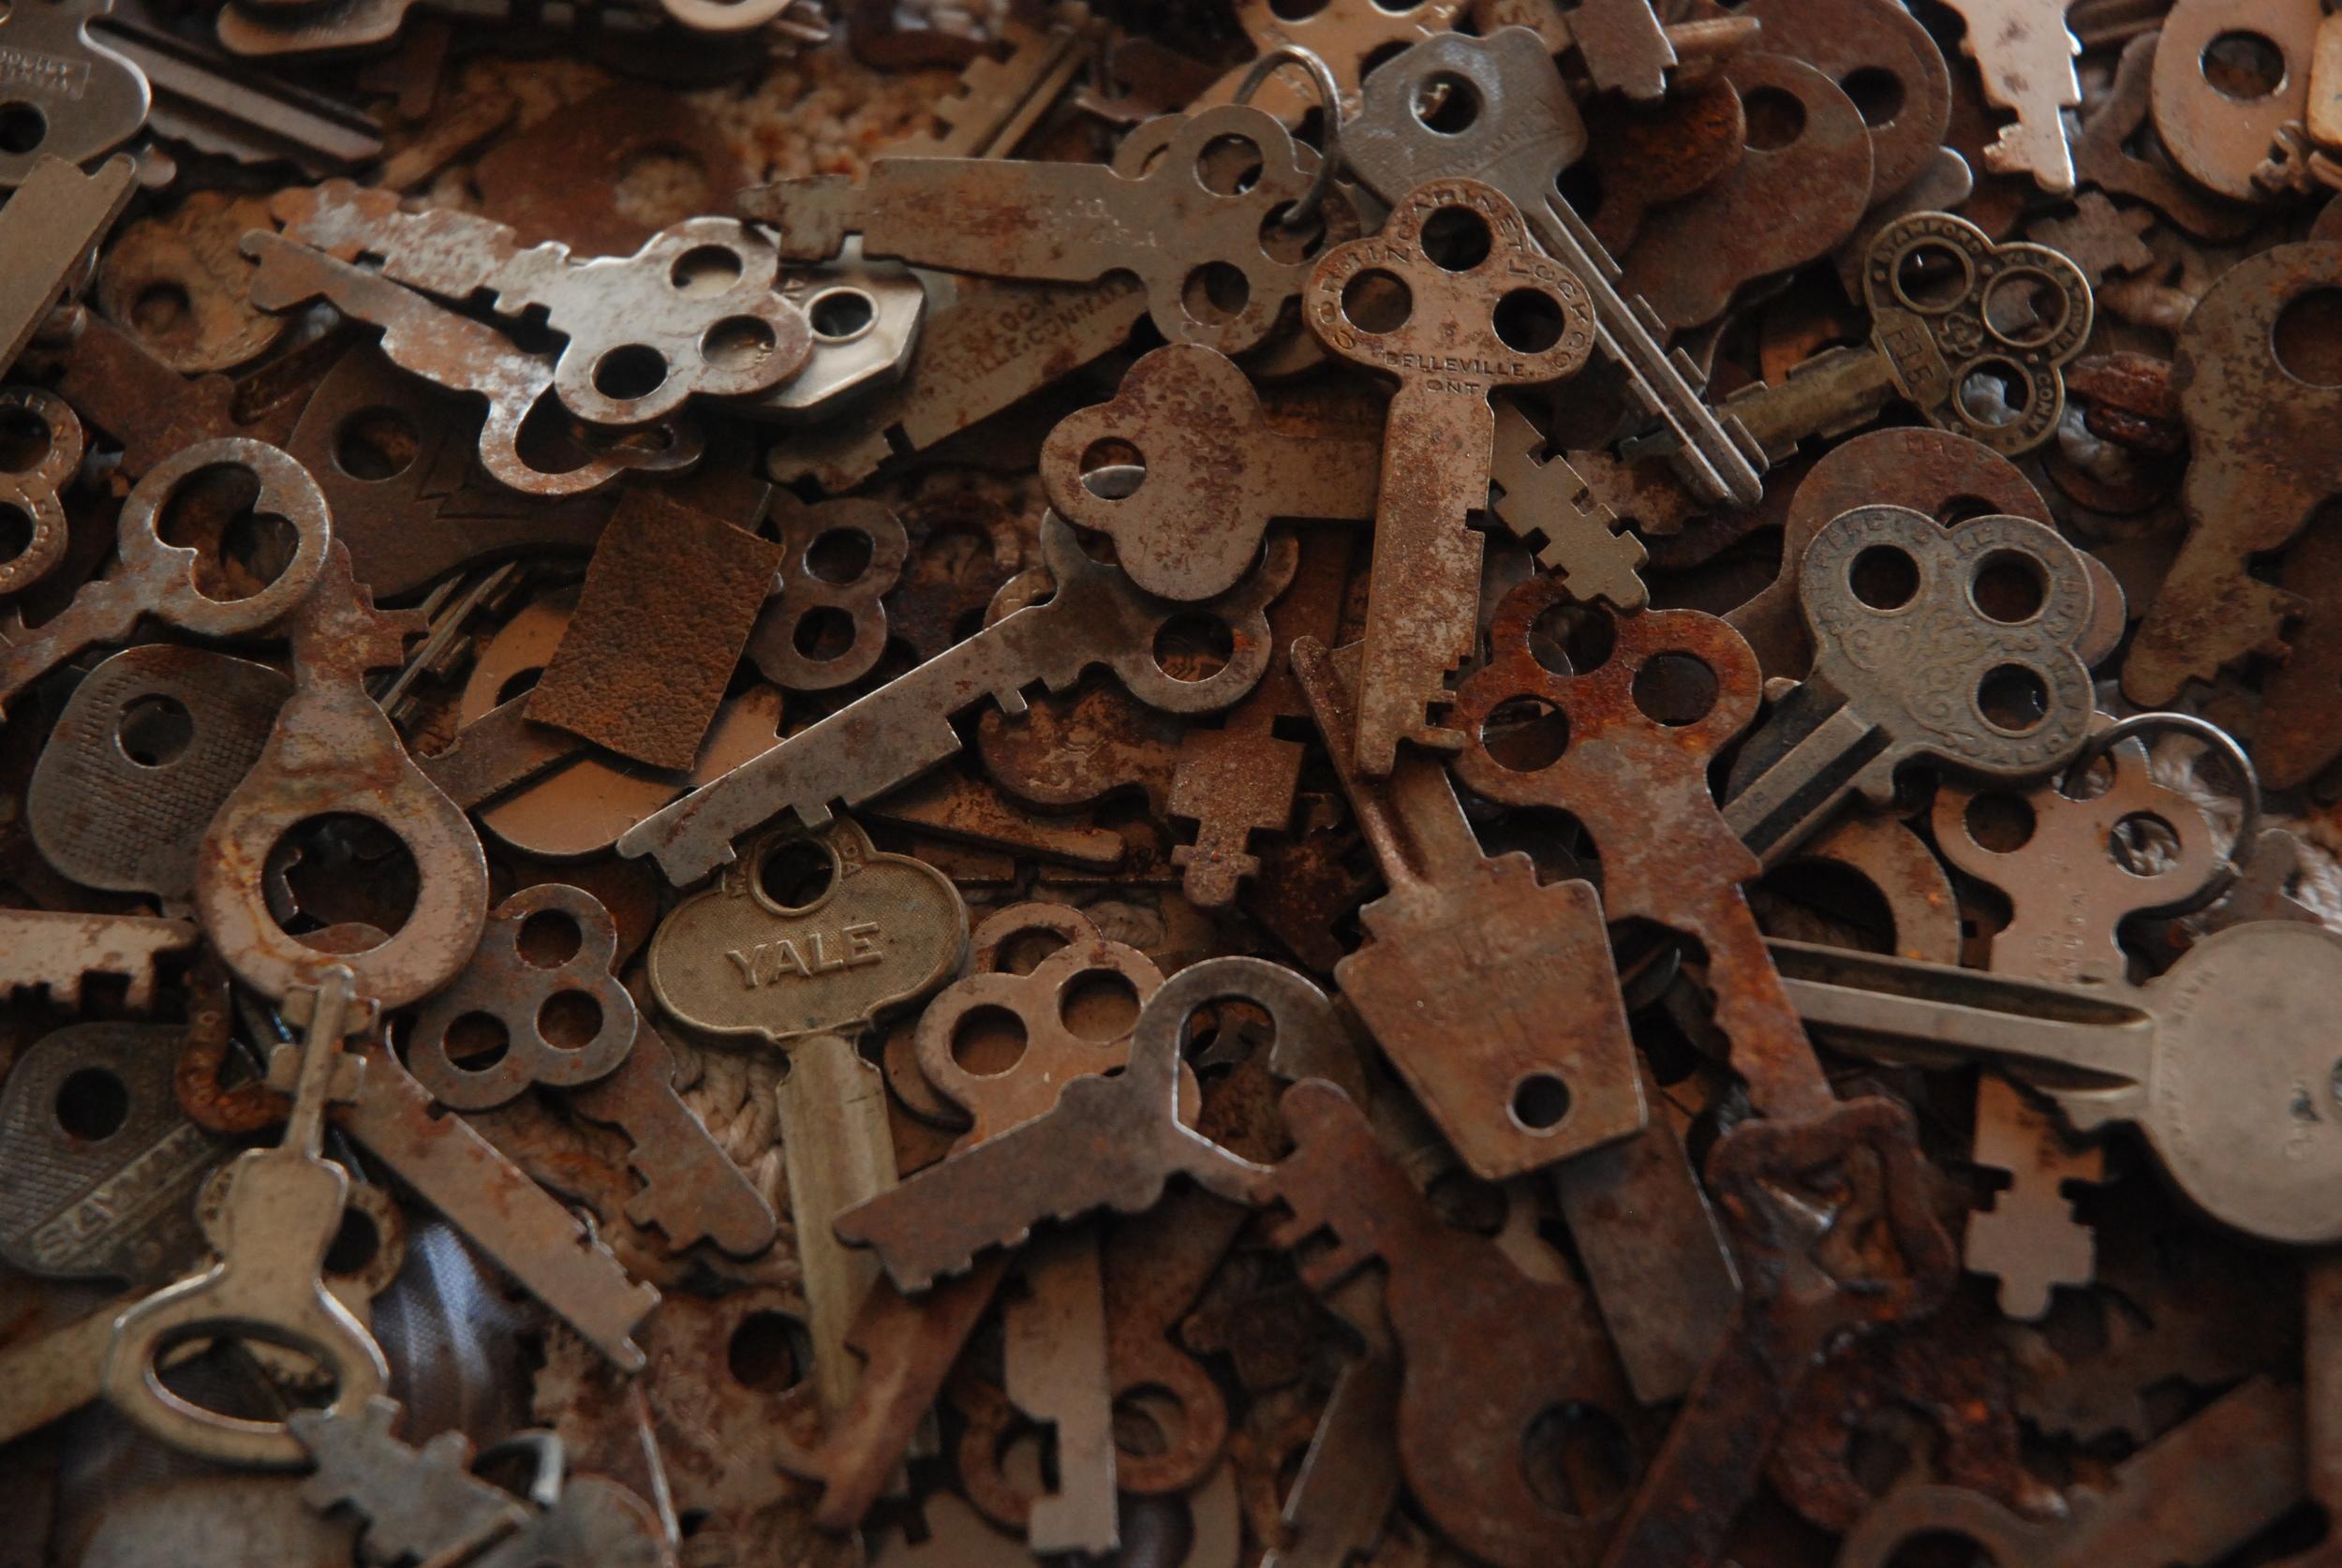 Beholder Images_Antique Market_1169.JPG